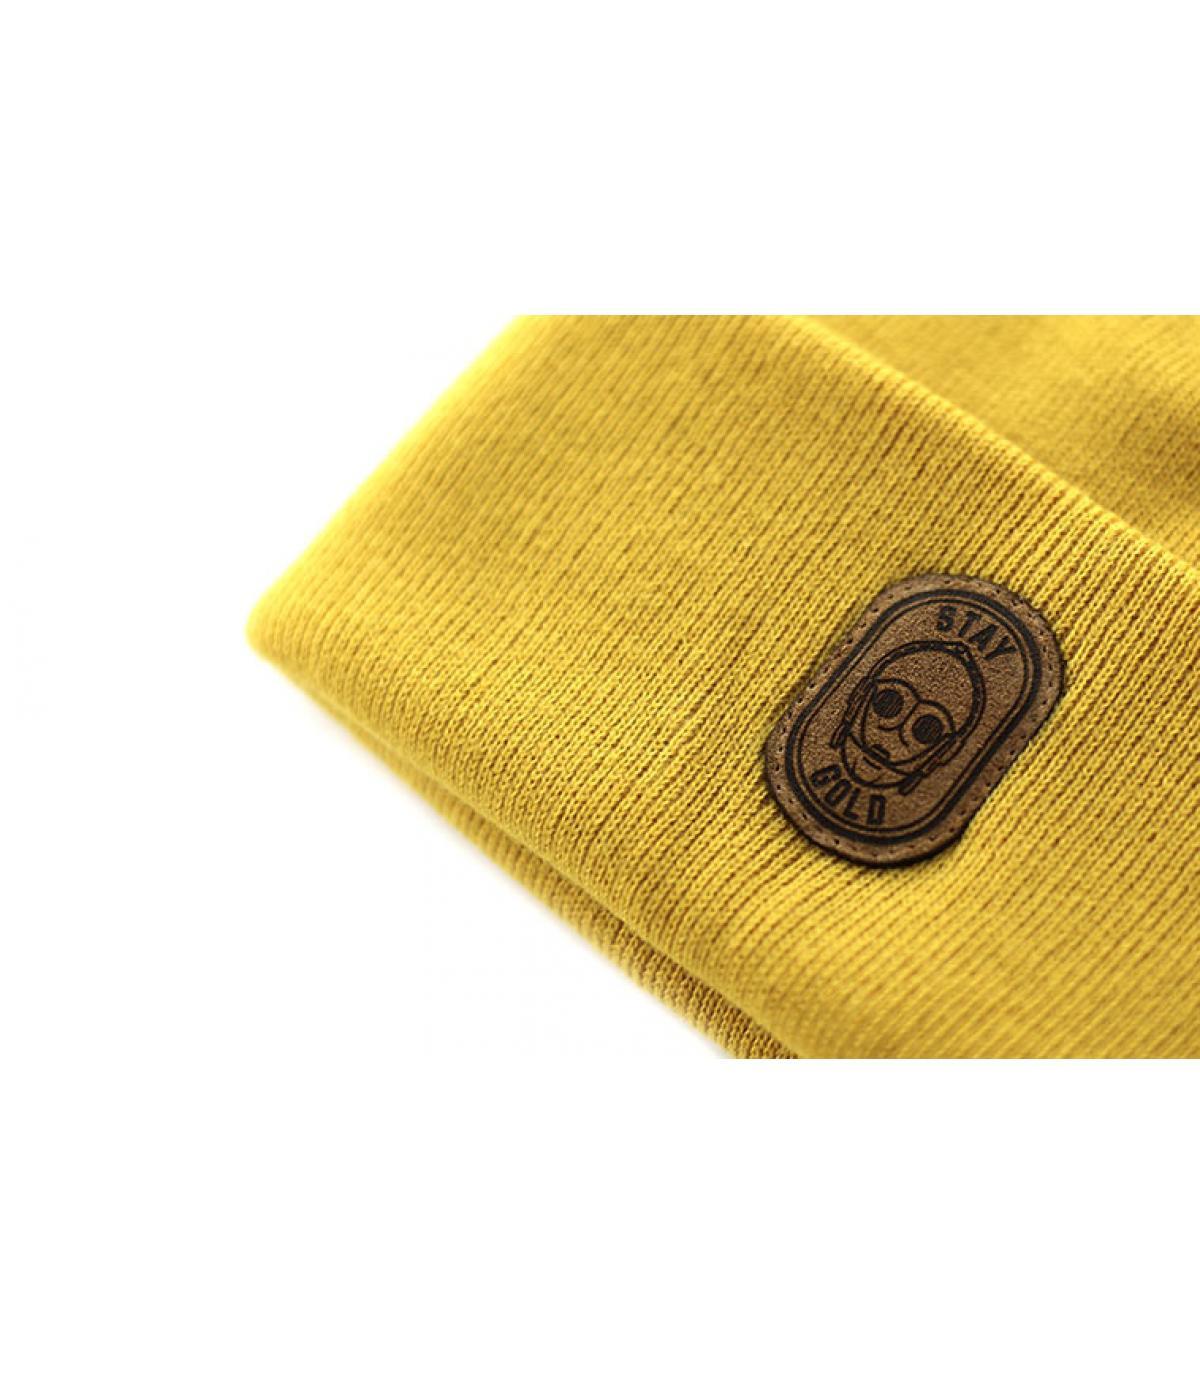 Détails Bonnet Stay Gold mustard - image 3